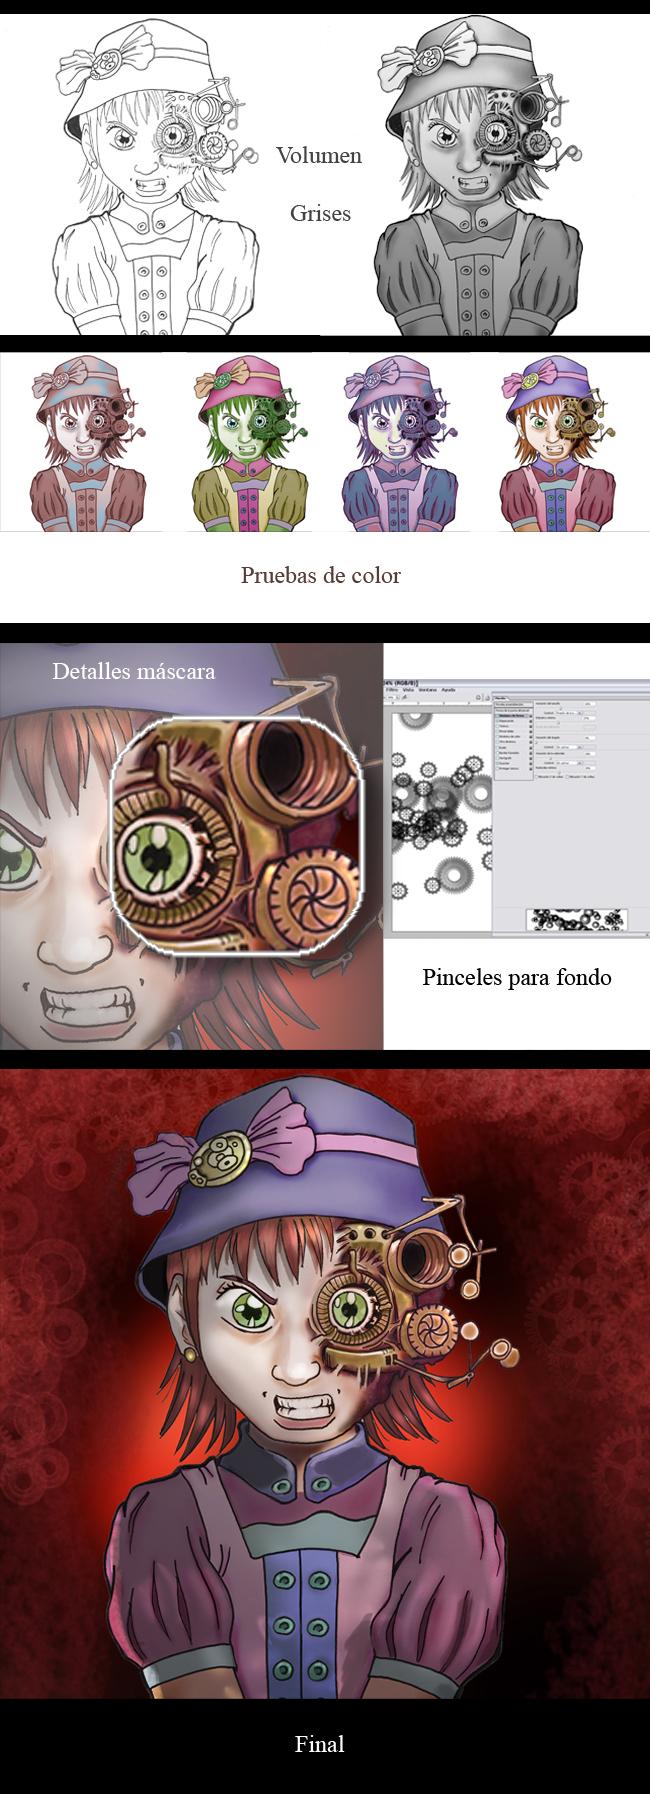 Tuto Olmo. Aerografia dibujo comic e ilustracion digital. Academia C10.